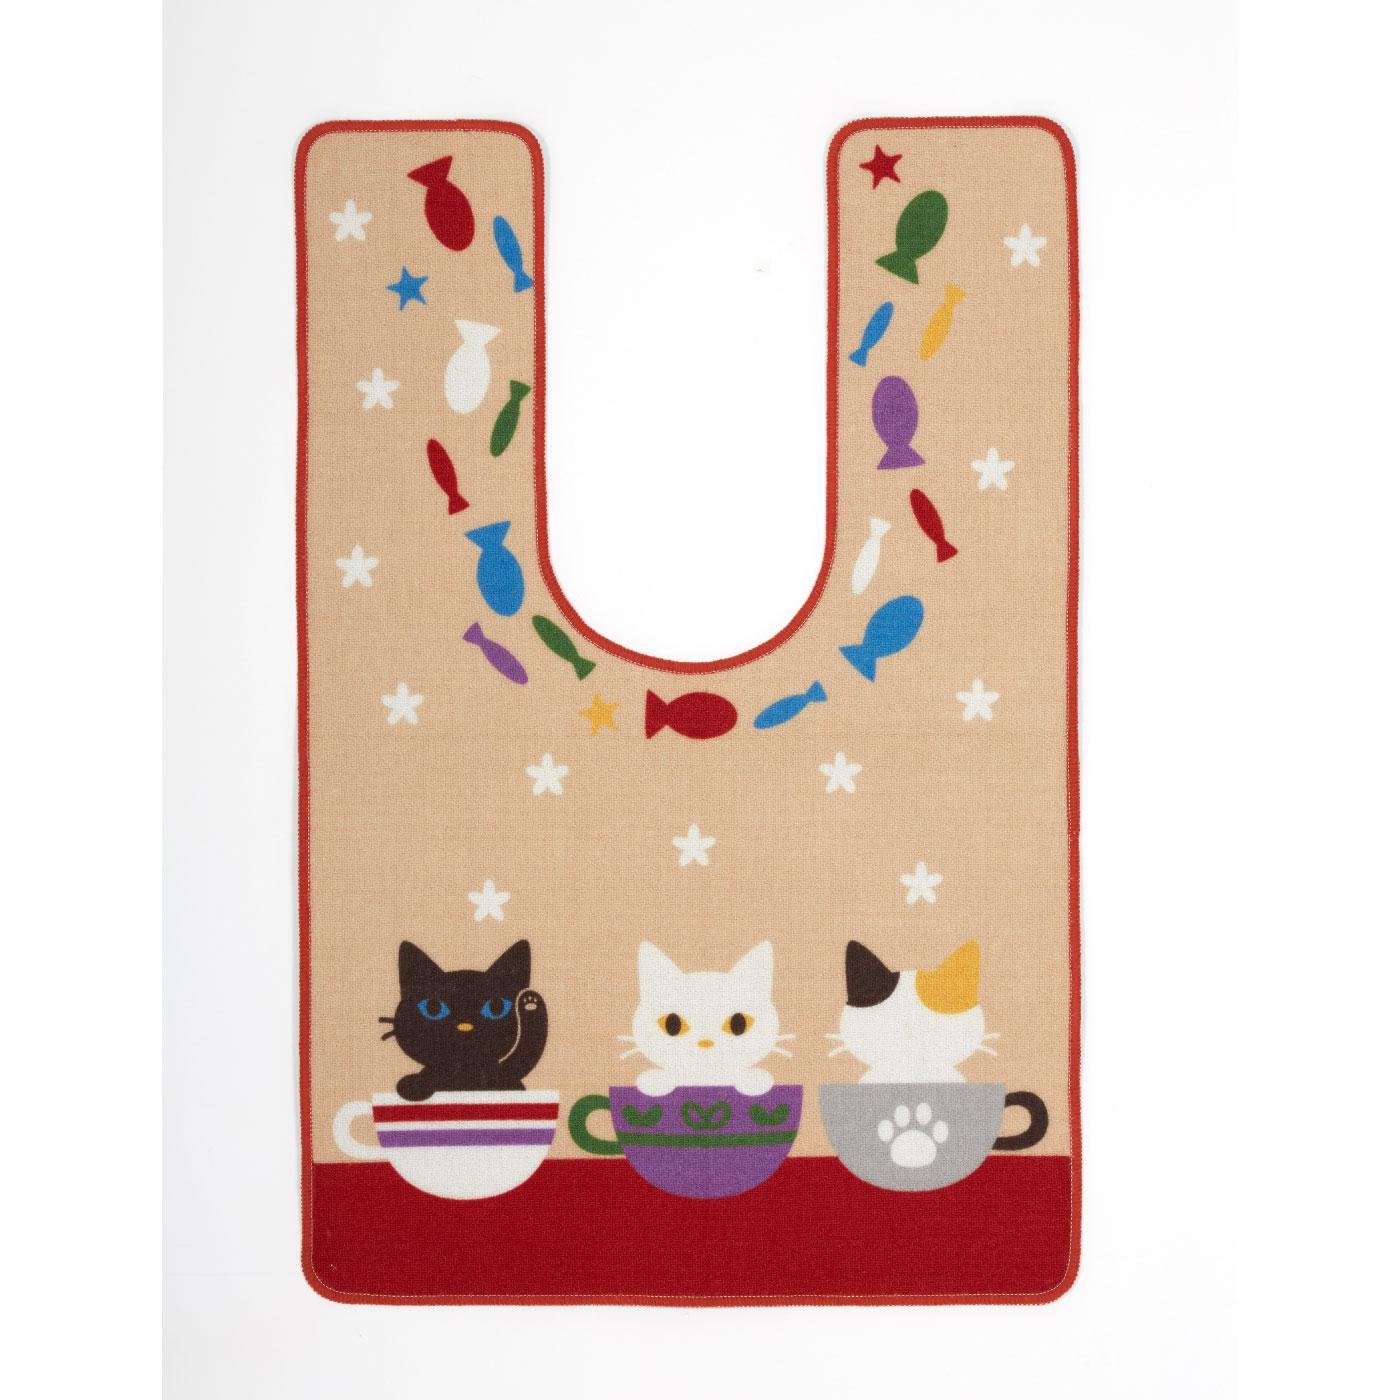 かわいい子猫フレンズ ワイドロングトイレマット